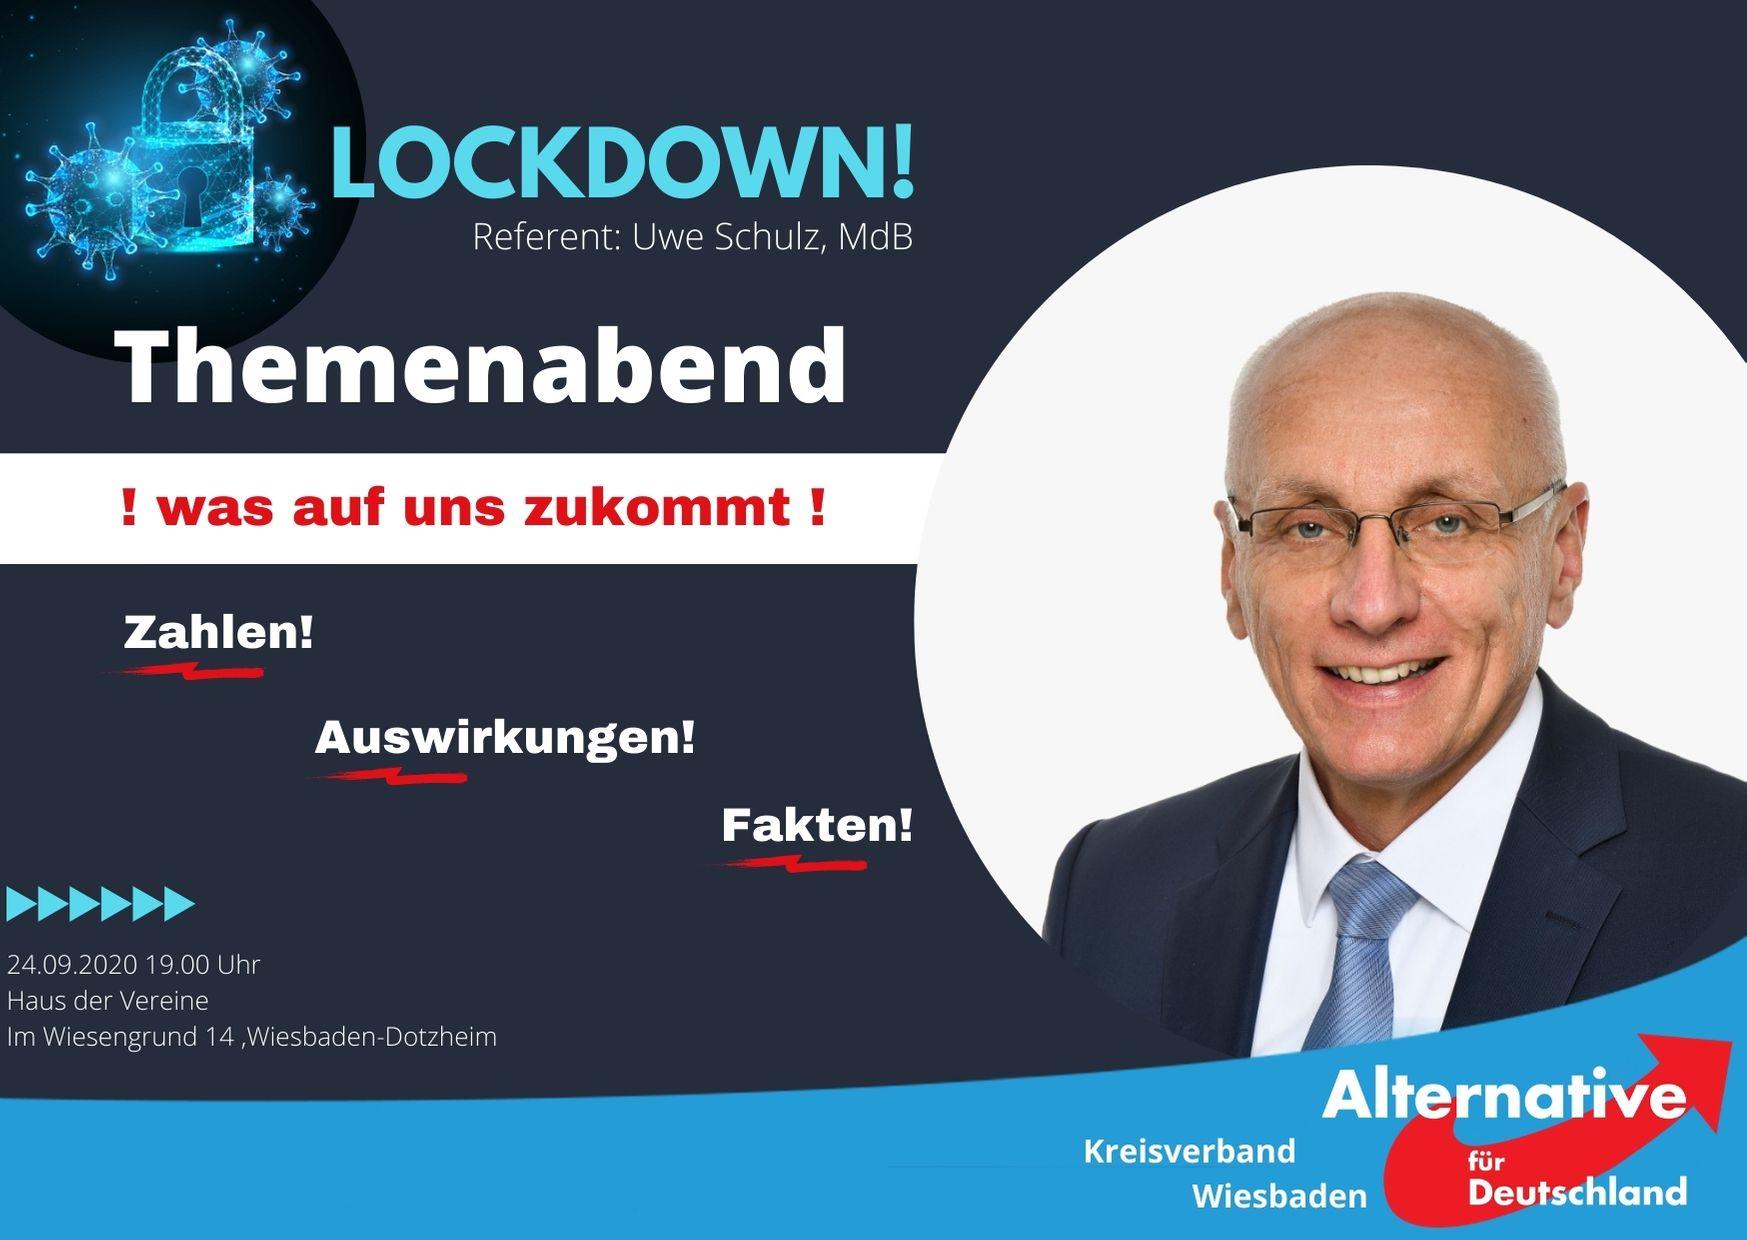 Afd Kreisverband Wiesbaden Themenabend Lockdown